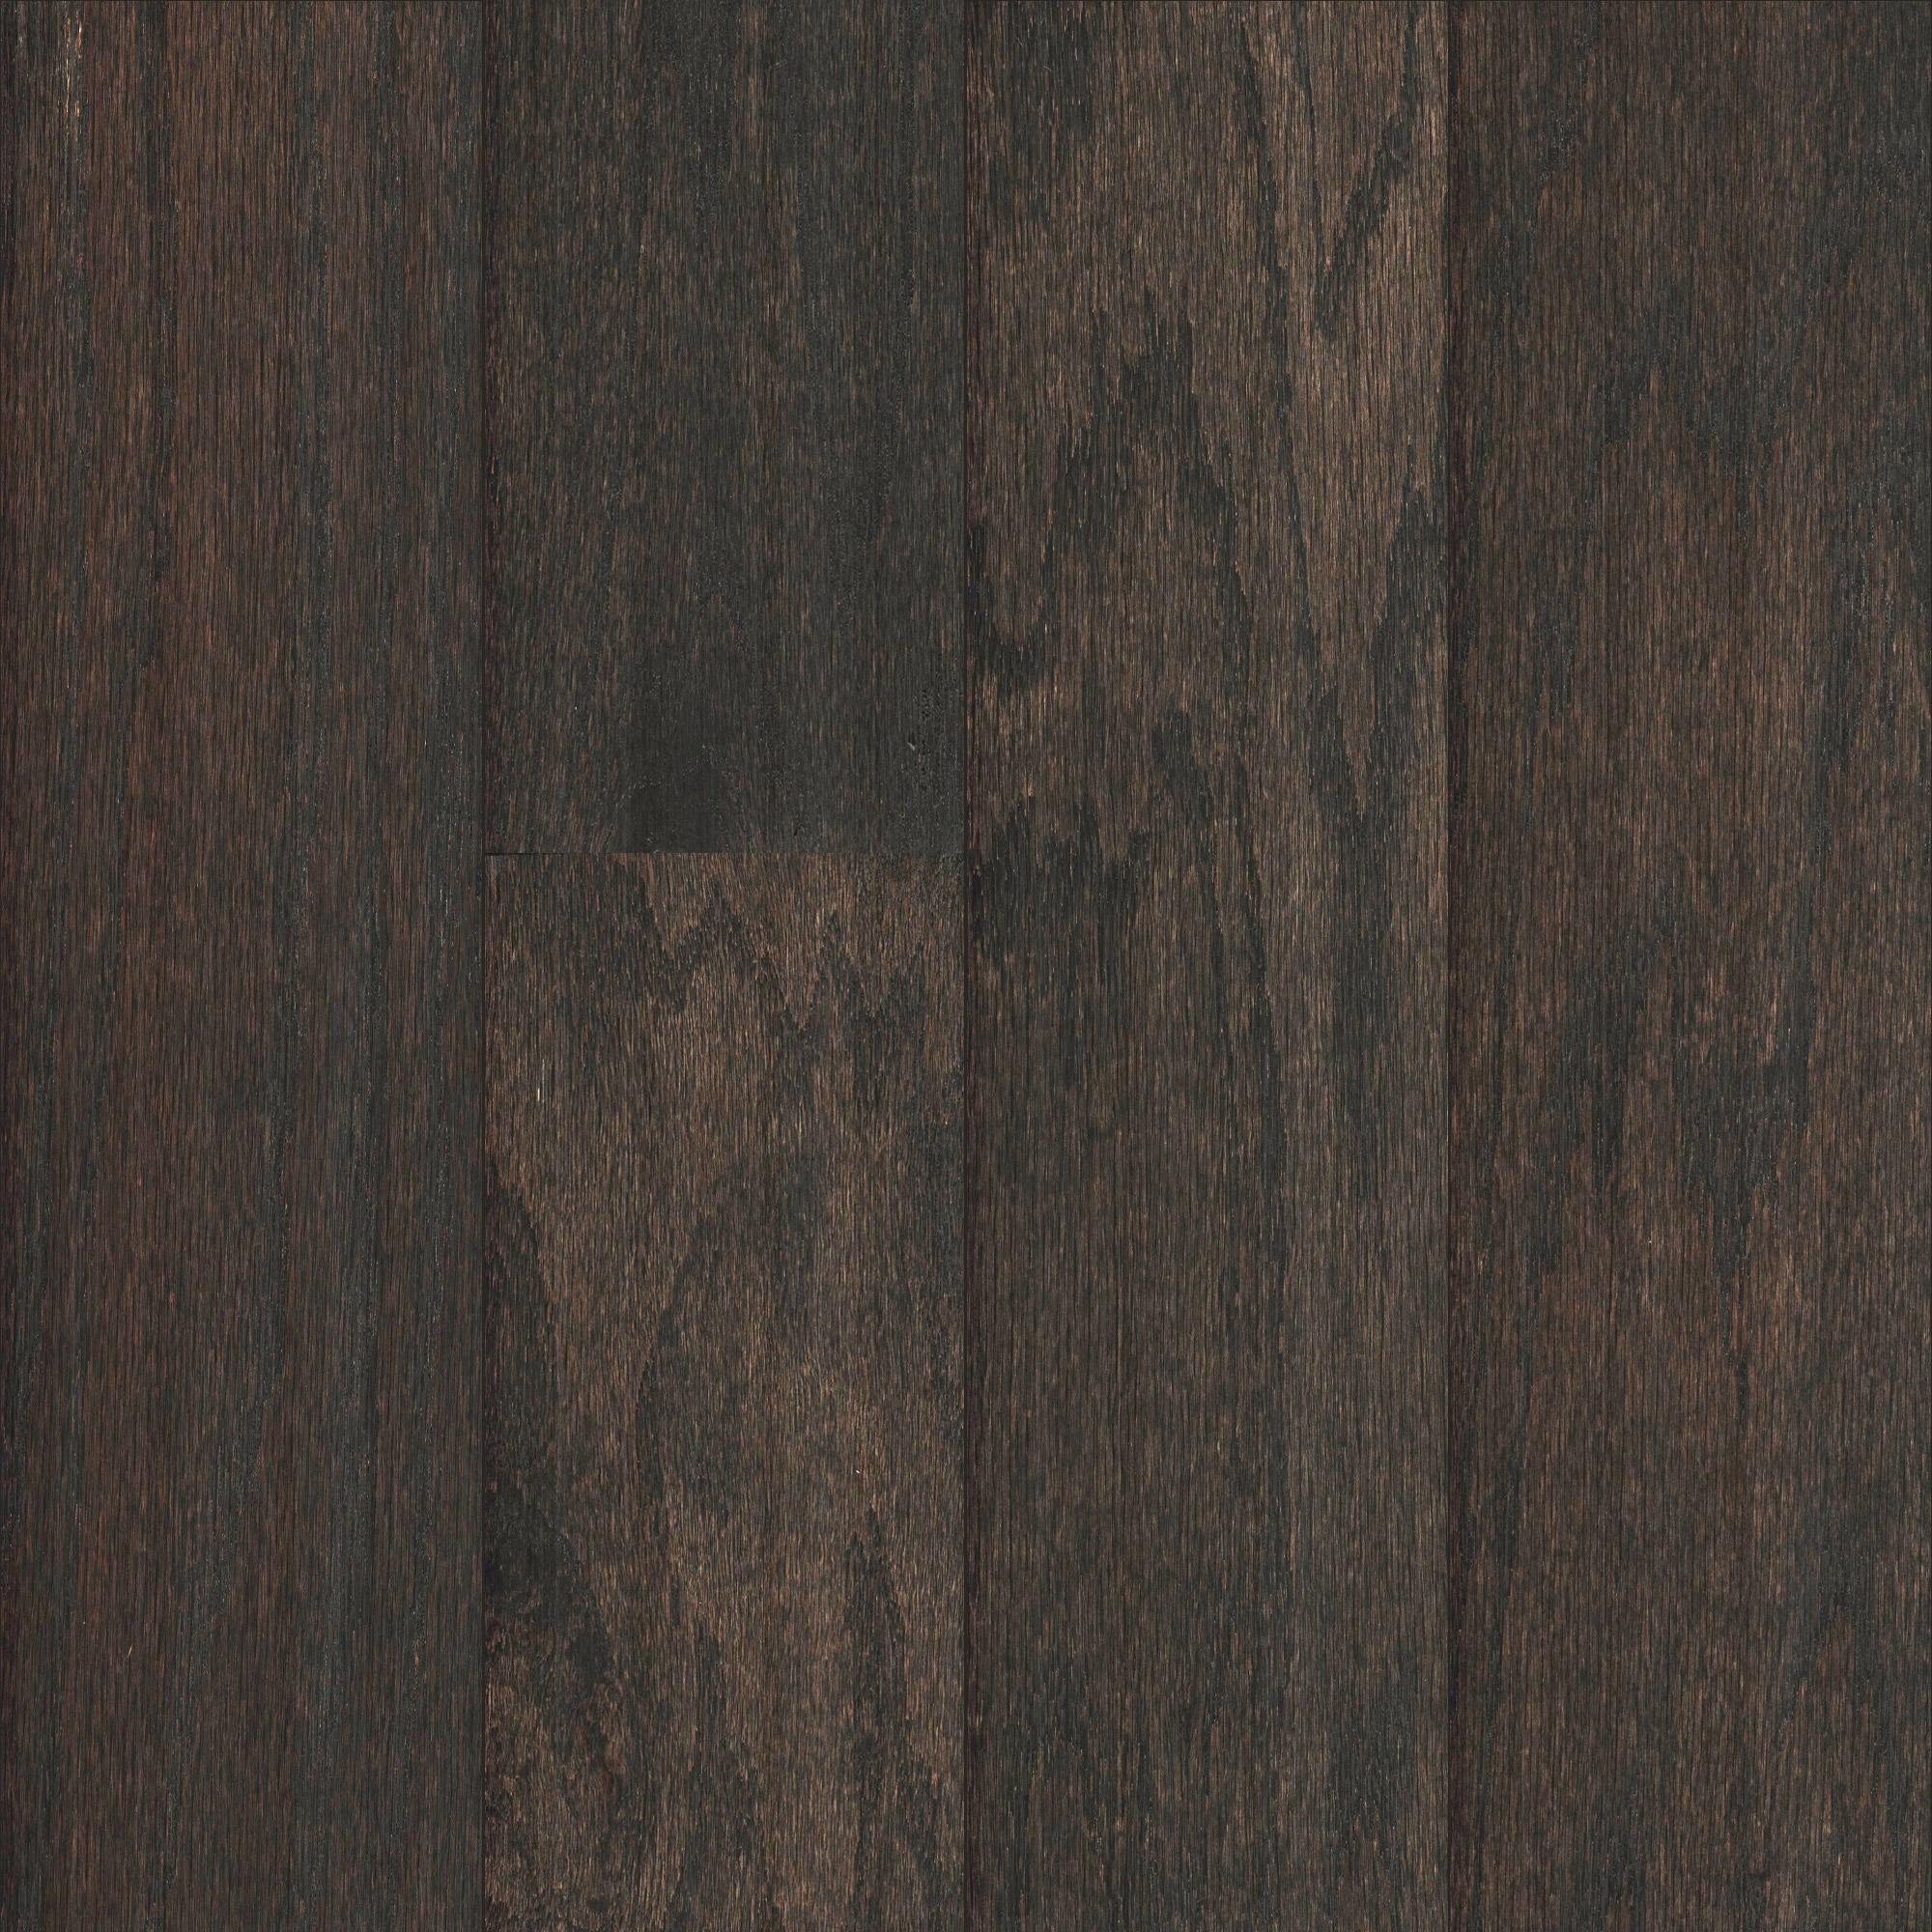 1 2 inch hardwood flooring of mullican newtown plank oak granite 1 2 thick 5 wide engineered in mullican newtown plank oak granite 1 2 thick 5 wide engineered hardwood flooring